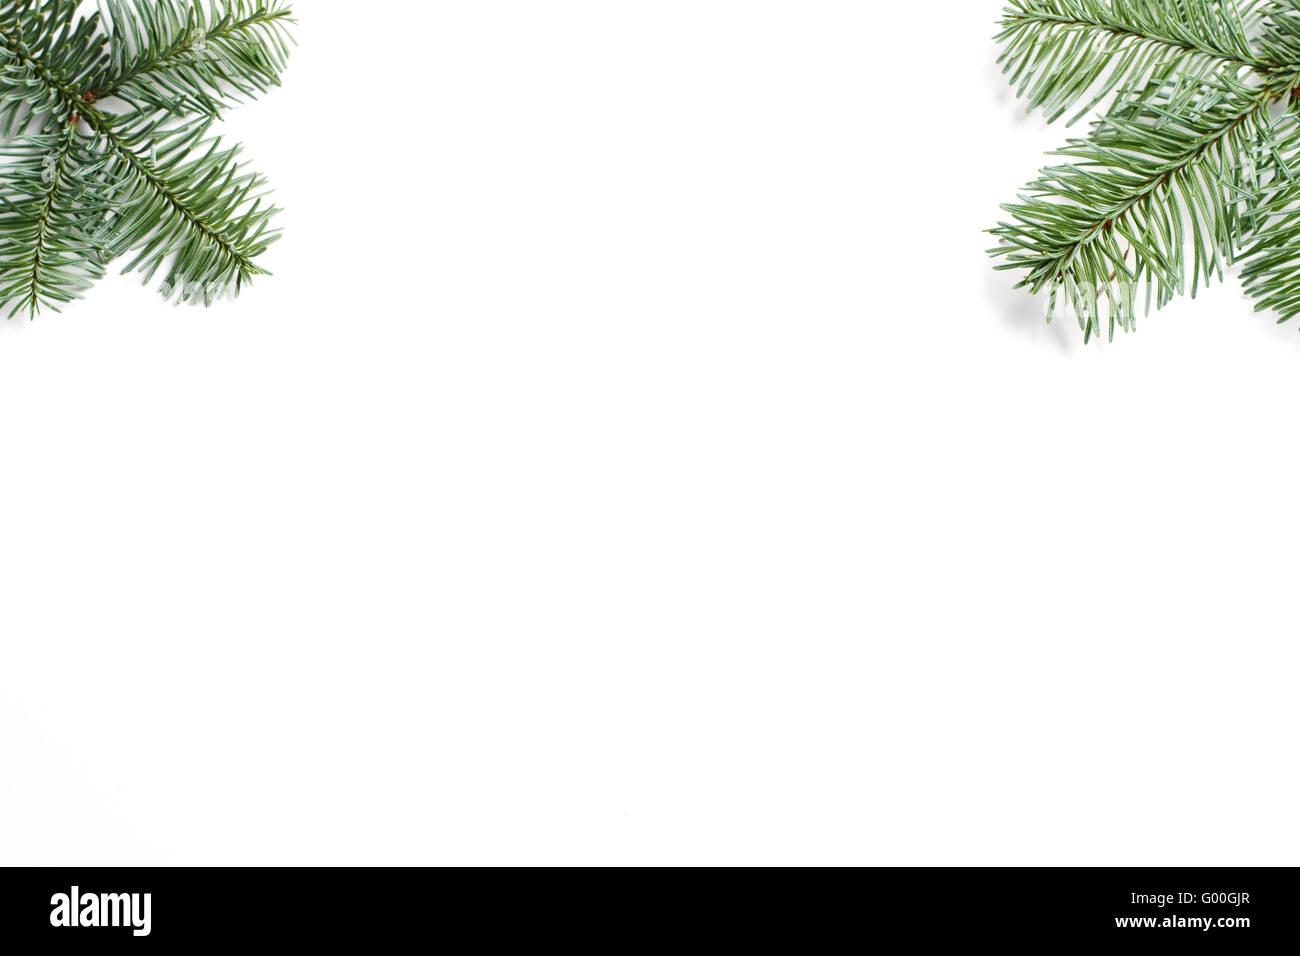 Rahmen von zwei Tannenzweigen an der Ecke isoliert auf weißem Hintergrund Stockbild